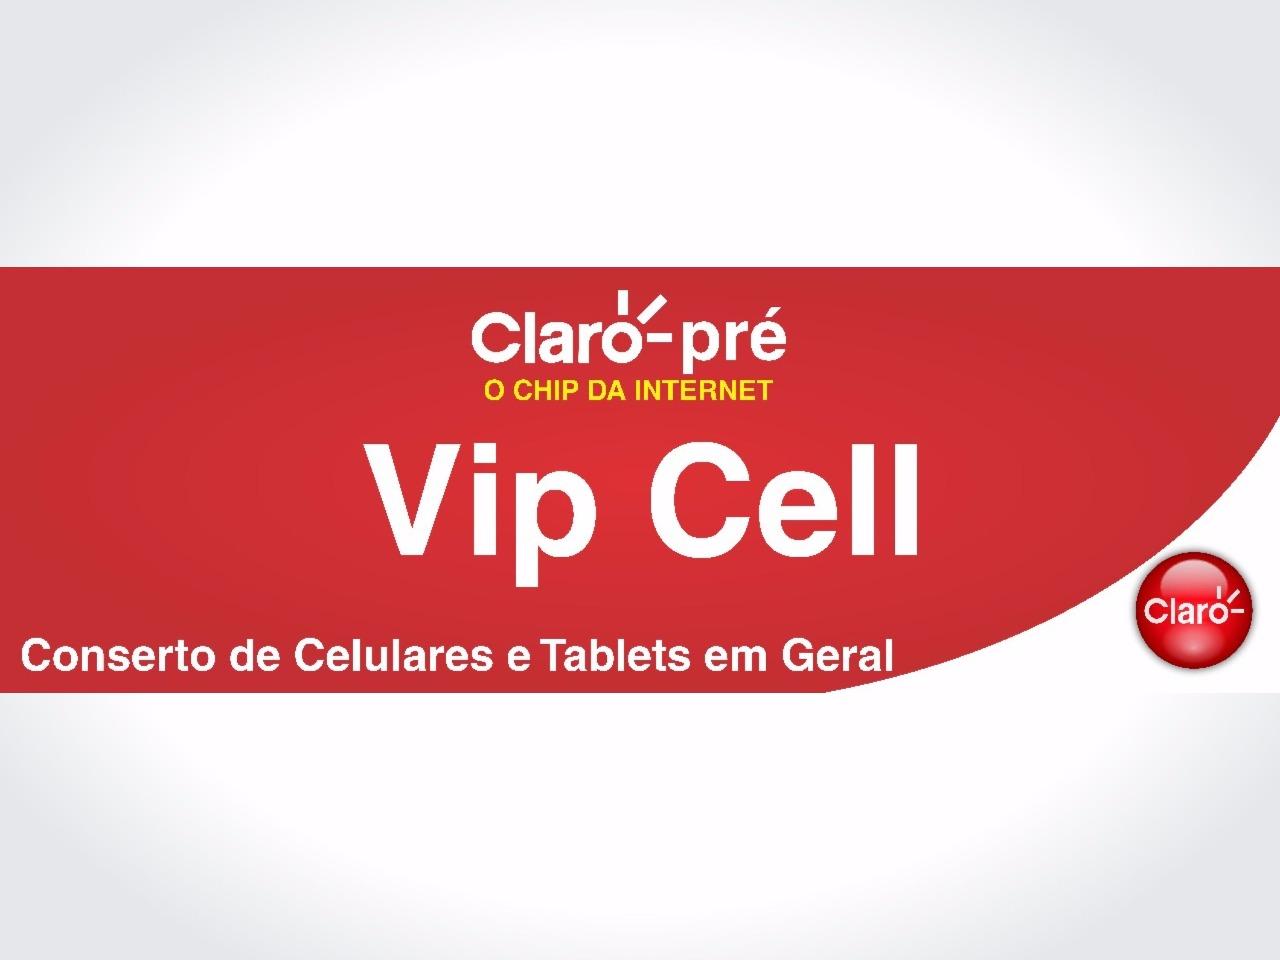 VIP CELL - CLARO-PRÉ